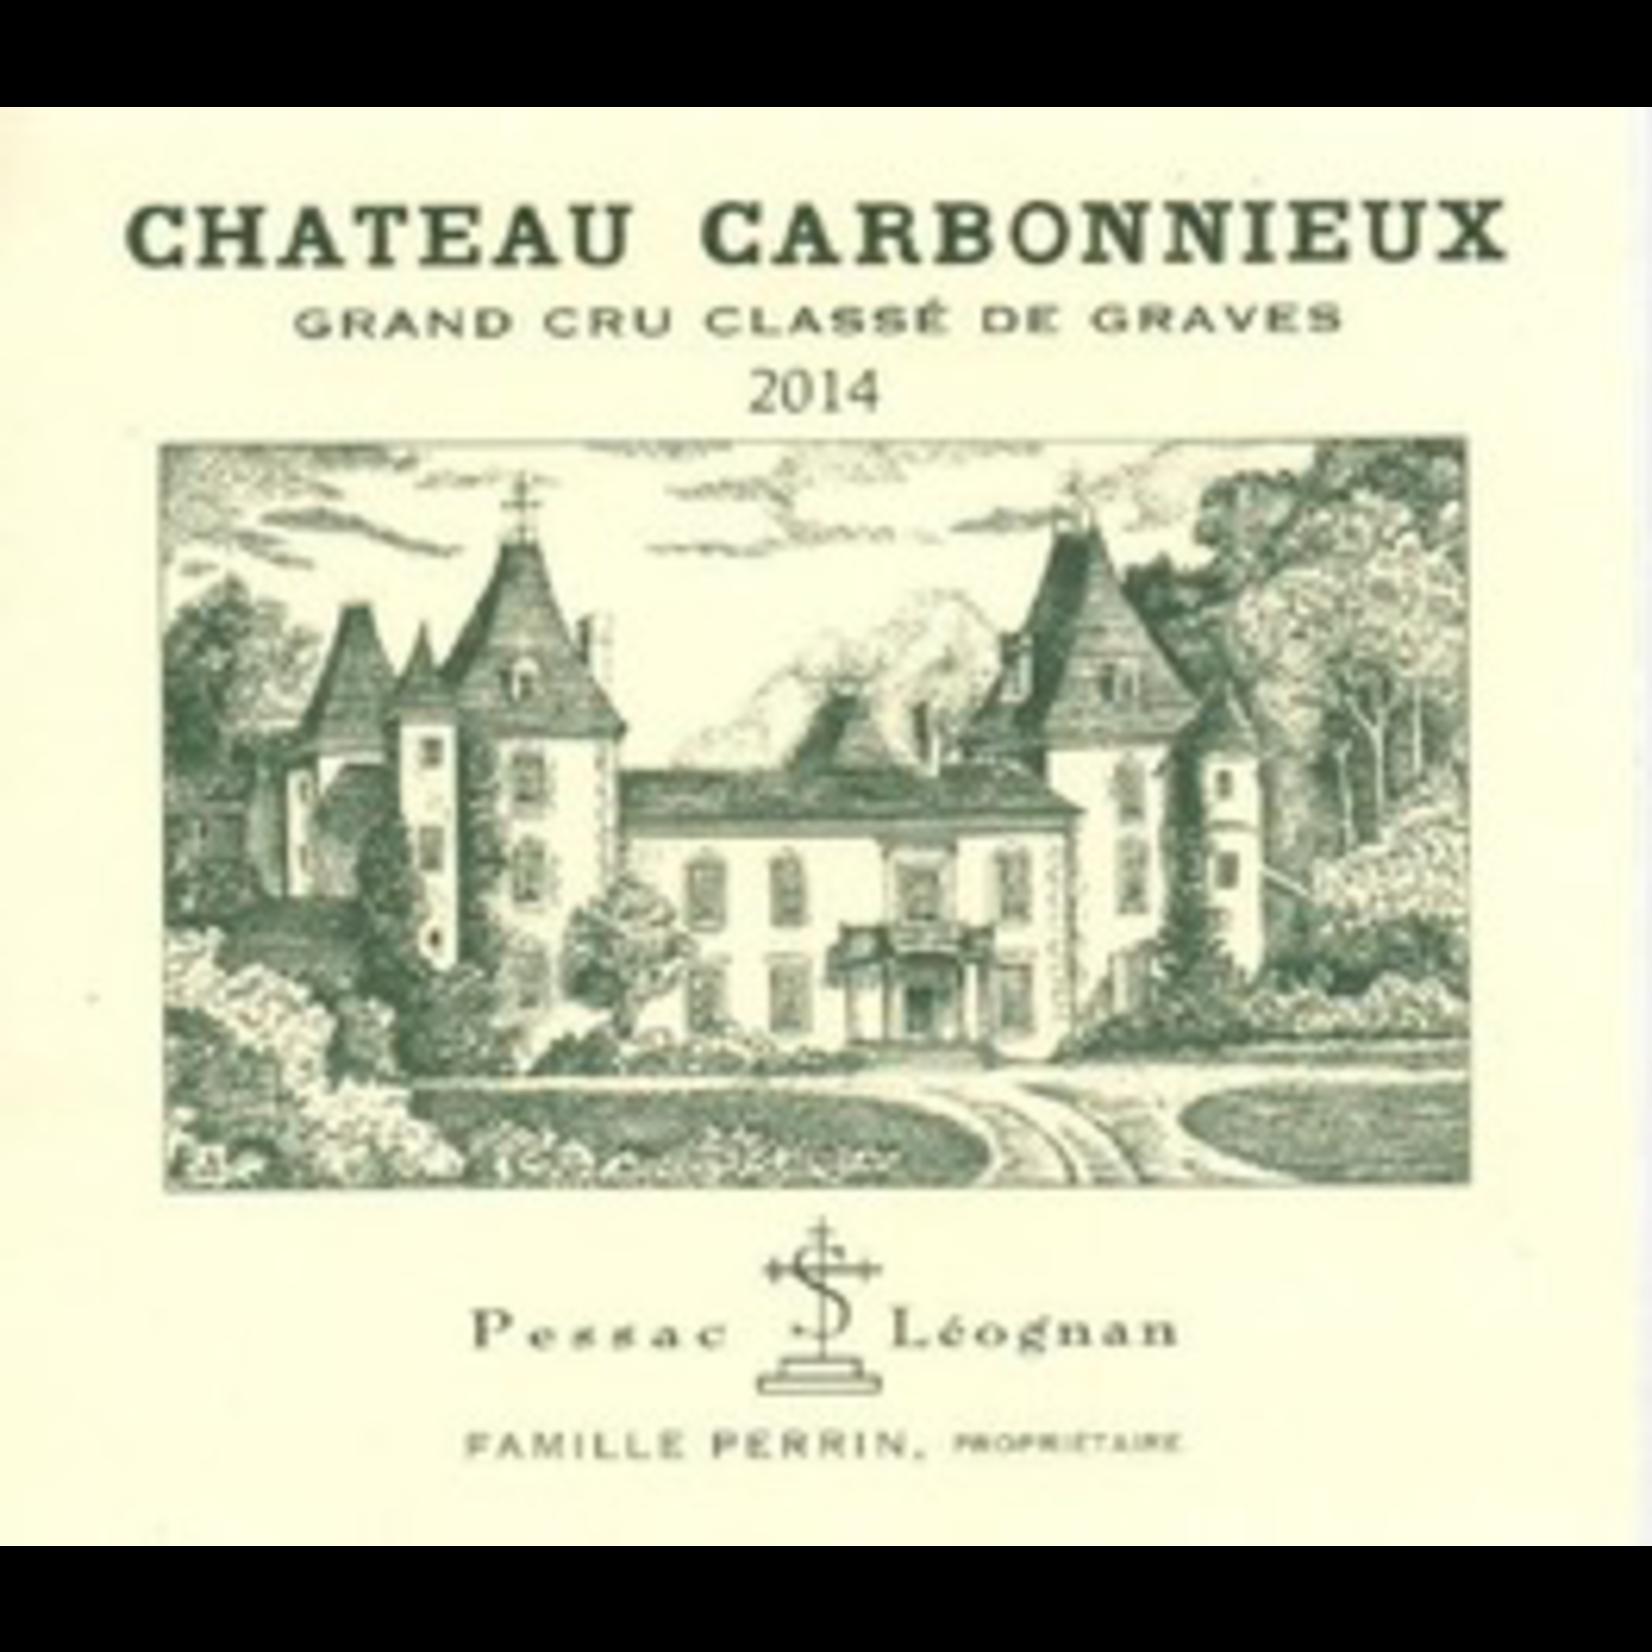 Wine Chateau Carbonnieux  Pessac-Leognan 2014